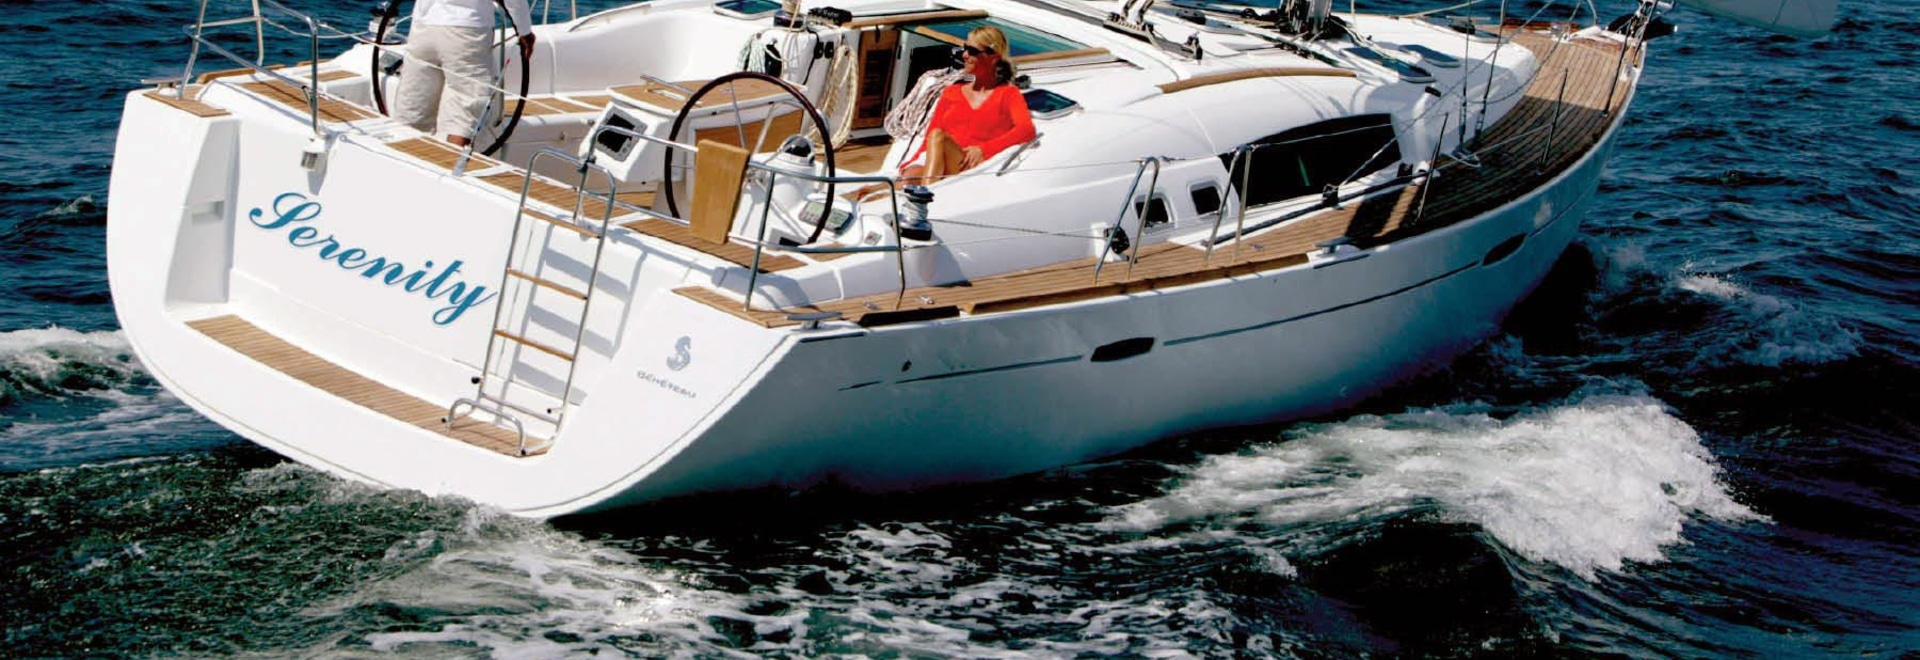 BoatUS lanzó la mayoría de los nombres populares del barco de 2017